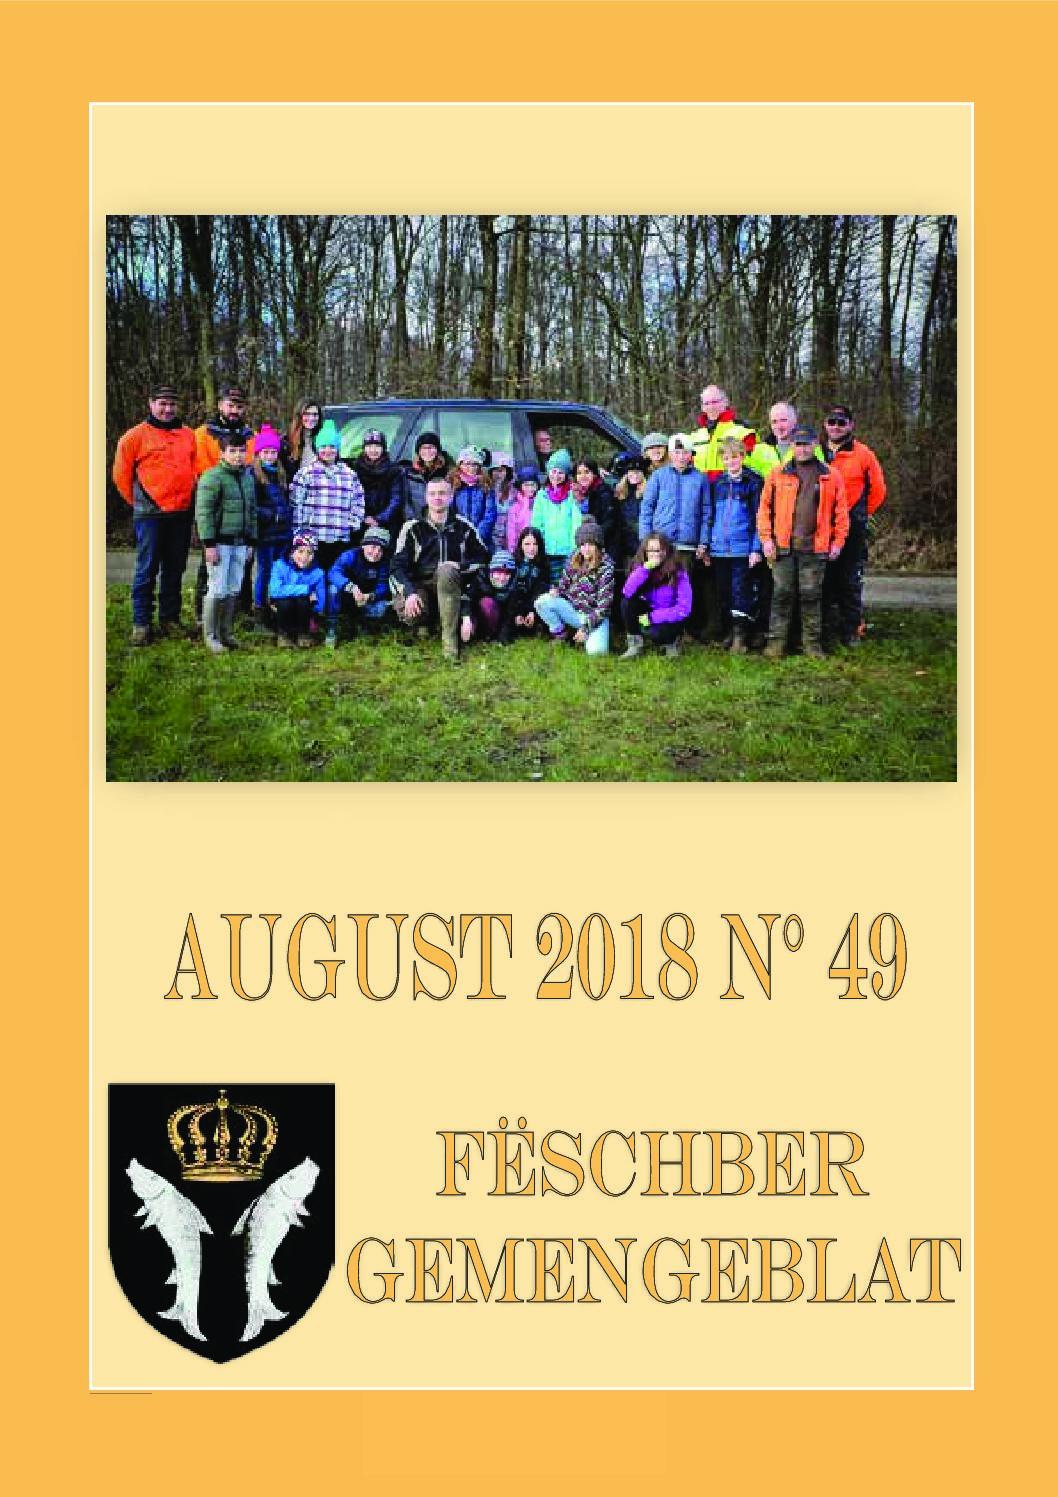 August 2018 Gemengeblat No. 49